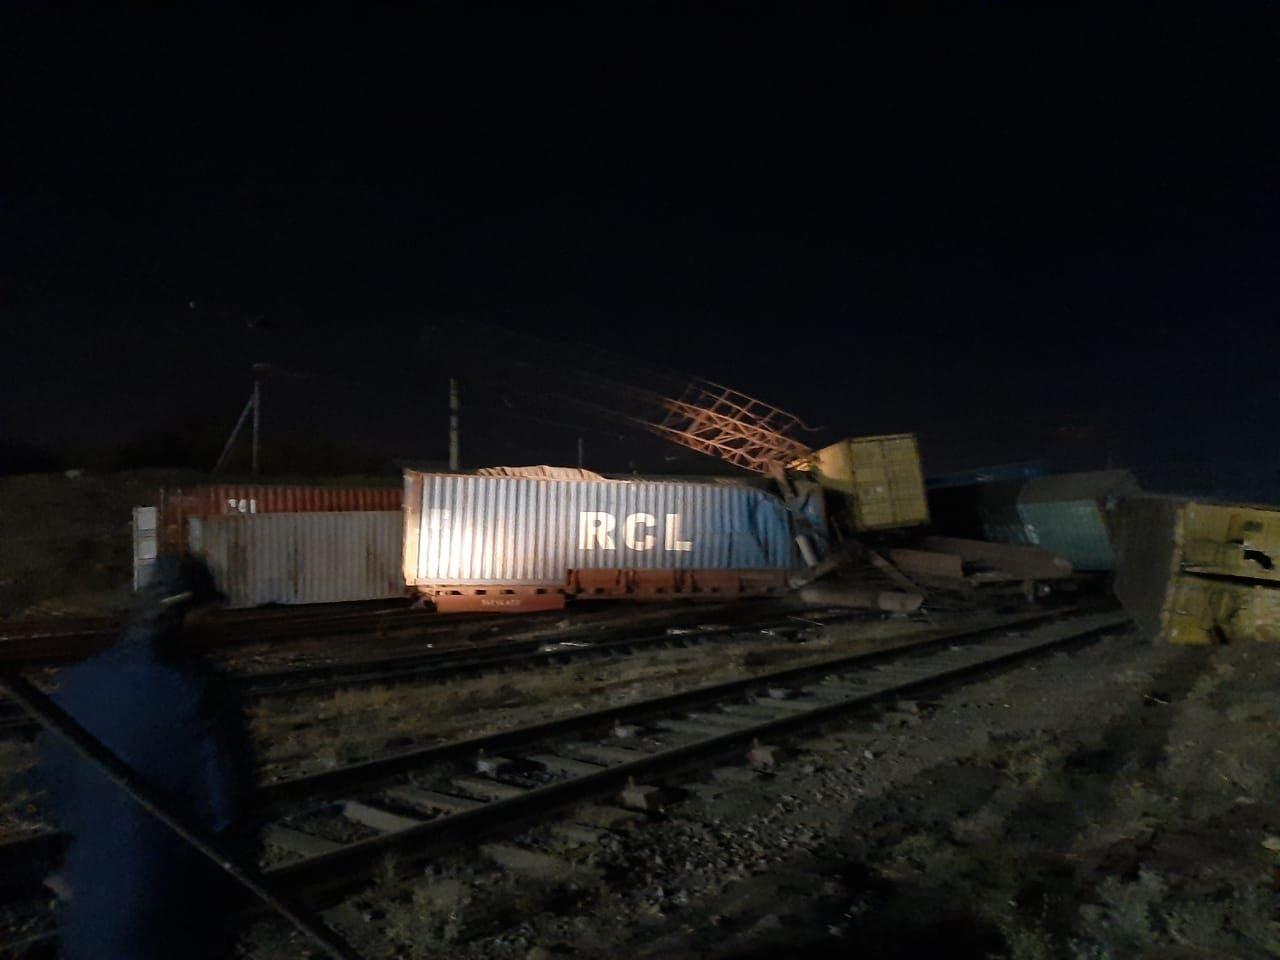 Сход 13 вагонов с опрокидыванием произошел в Шымкенте. Пострадавших нет, фото-3, Пресс-служба МЧС РК